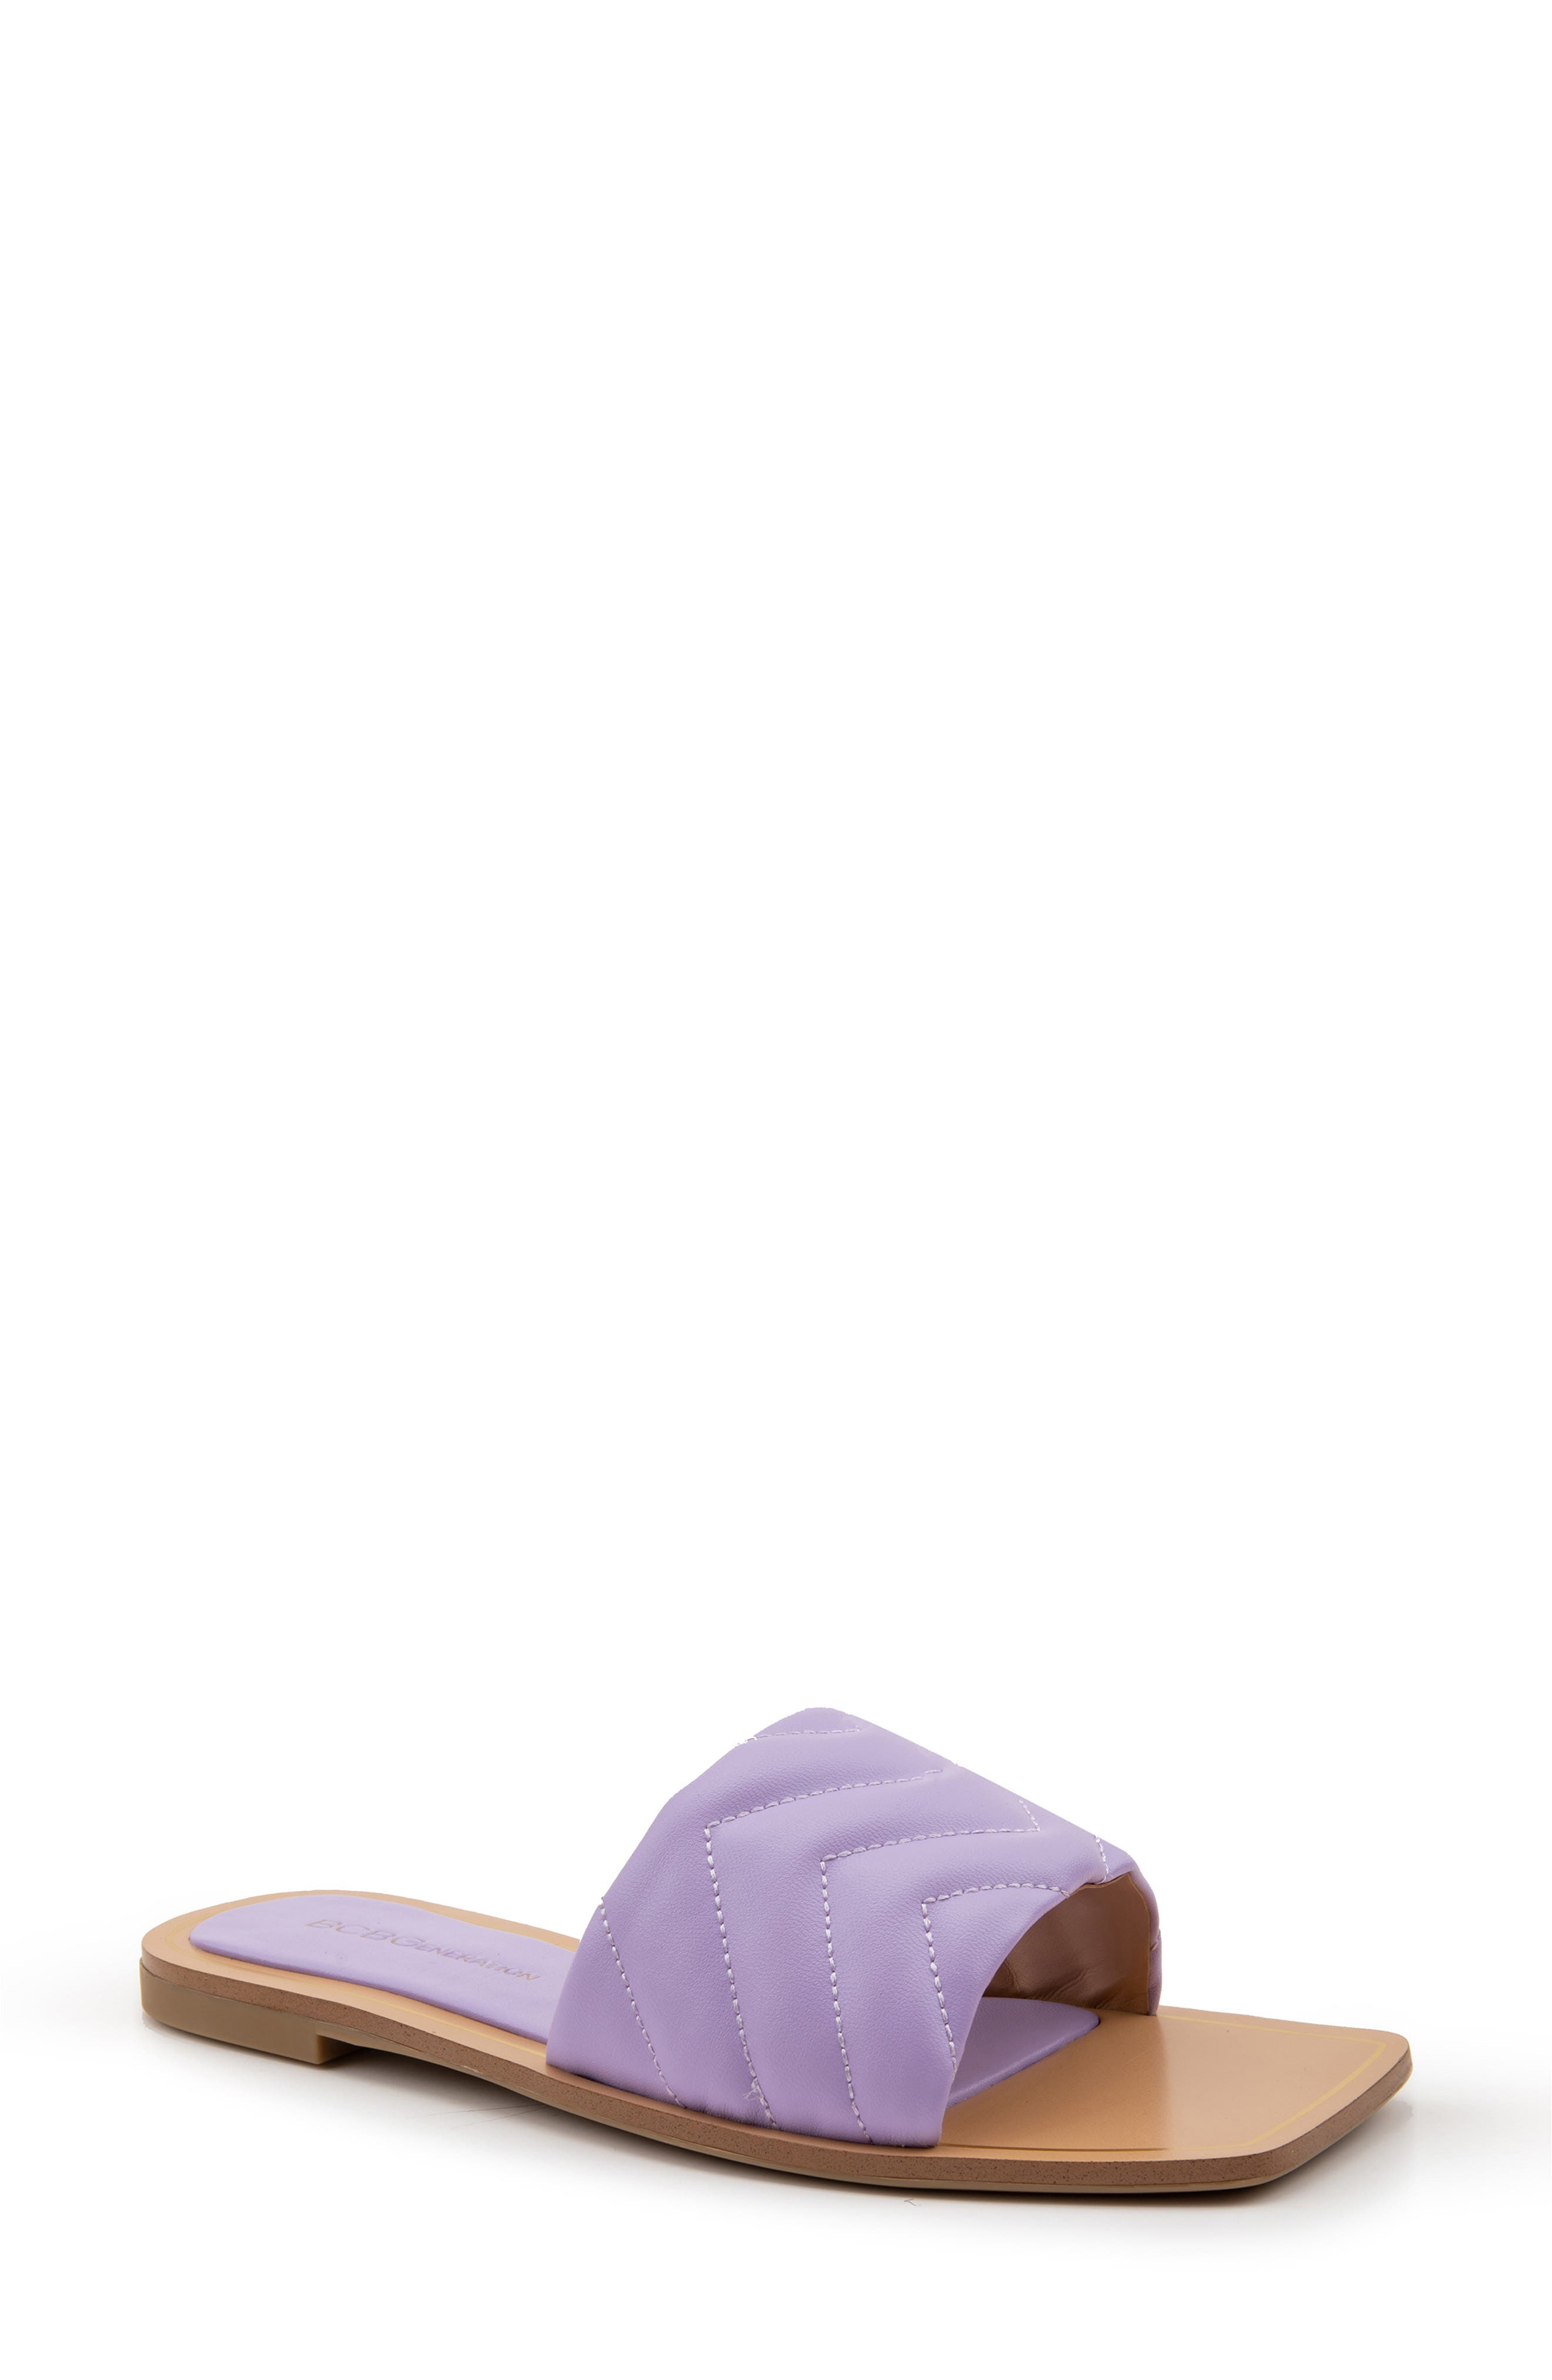 Ibana Slide Sandal